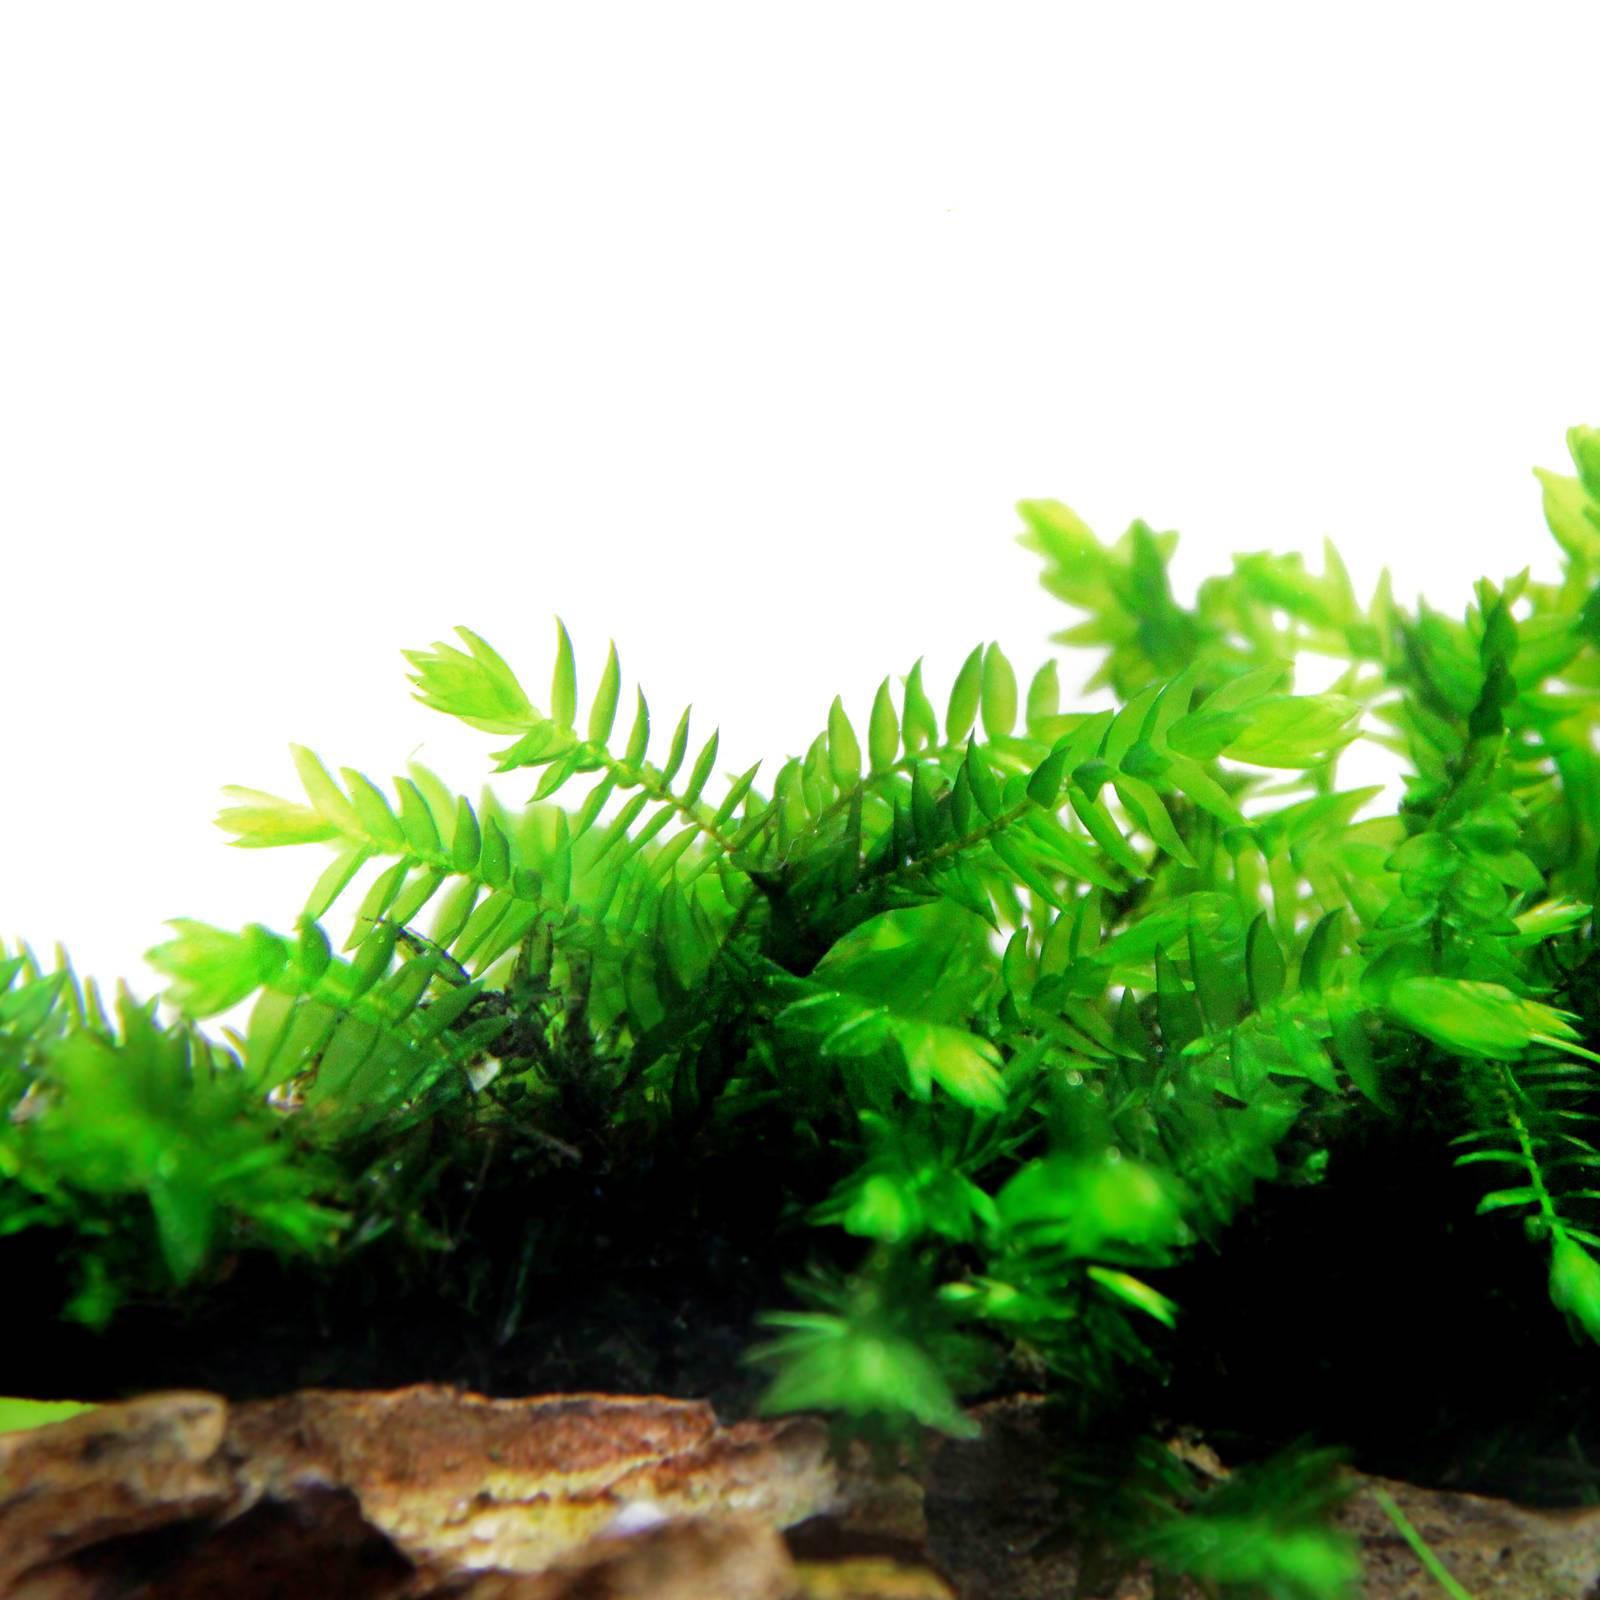 Liên hệ Vinh Aqua để sở hữu rêu thủy sinh Willow Moss